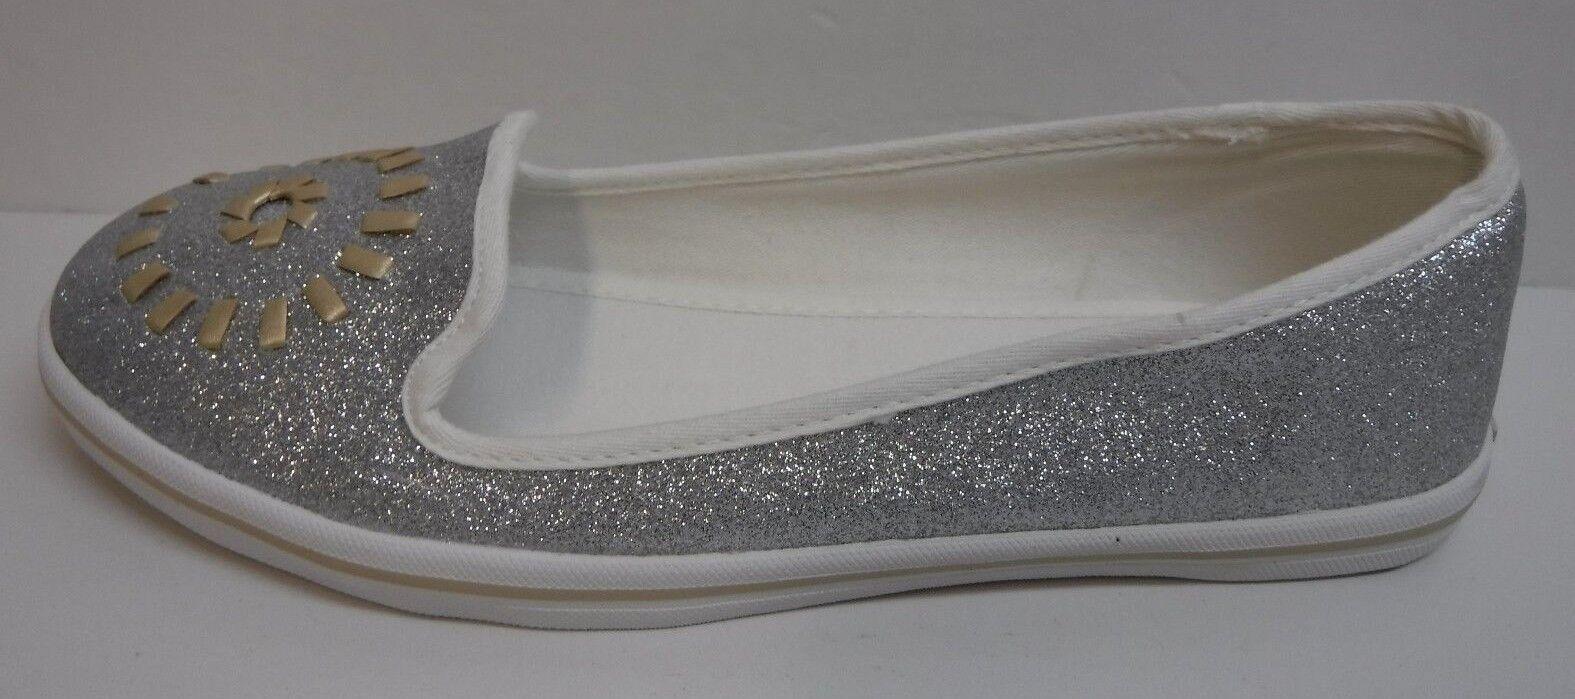 Jack Rogers Größe 6 Silver Loafers Flats NEU Damenschuhe Schuhes